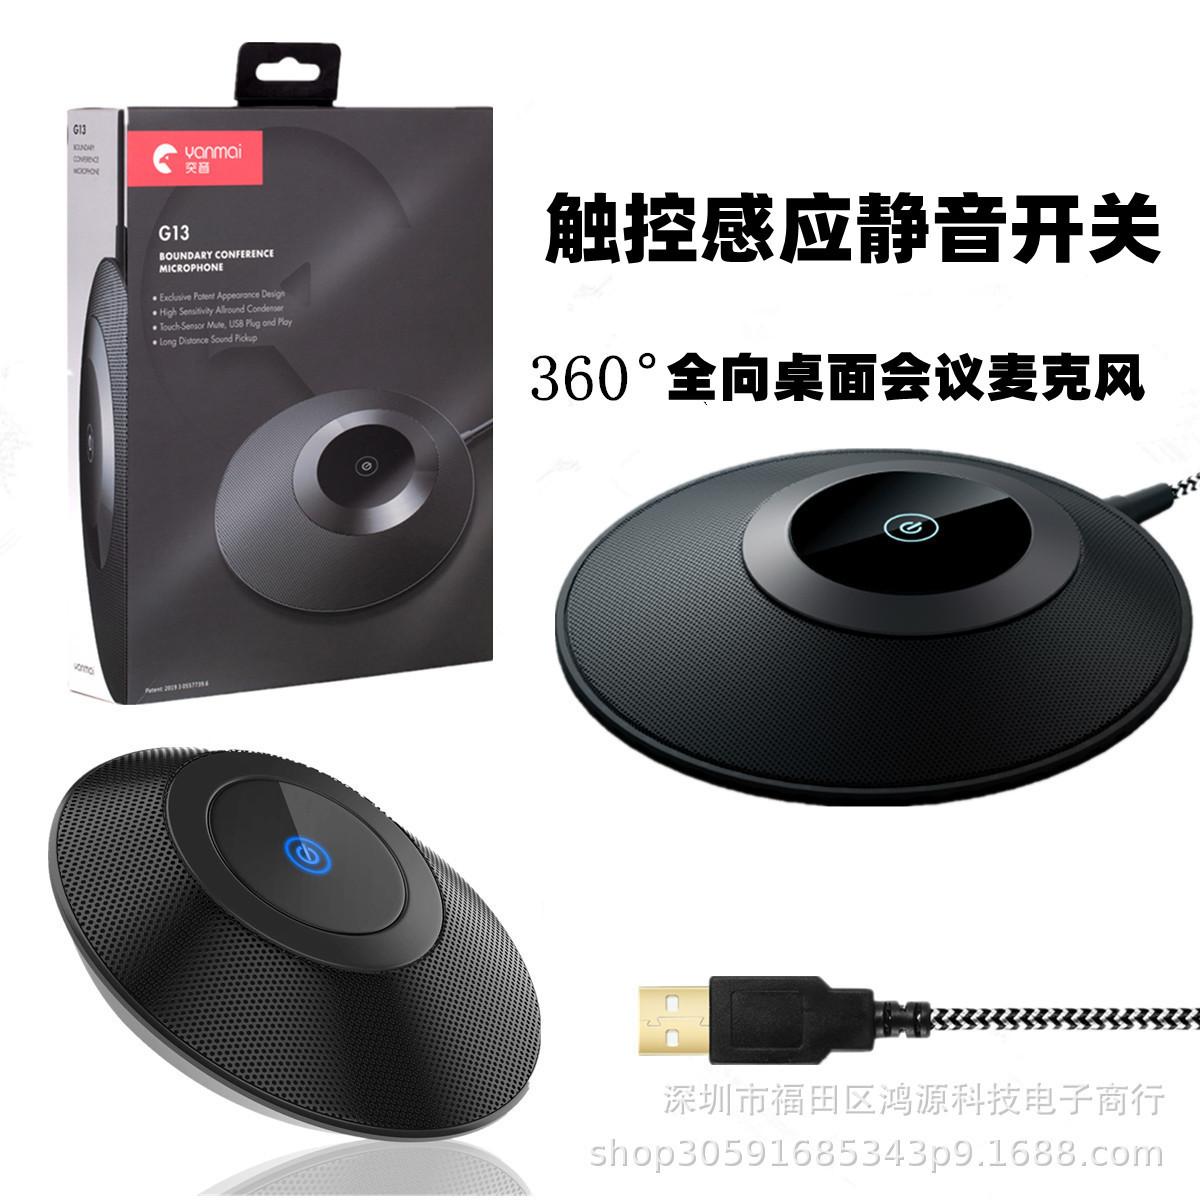 桌面触摸专业会议USB麦克风 电脑电容麦克风降噪话筒 触控式开关